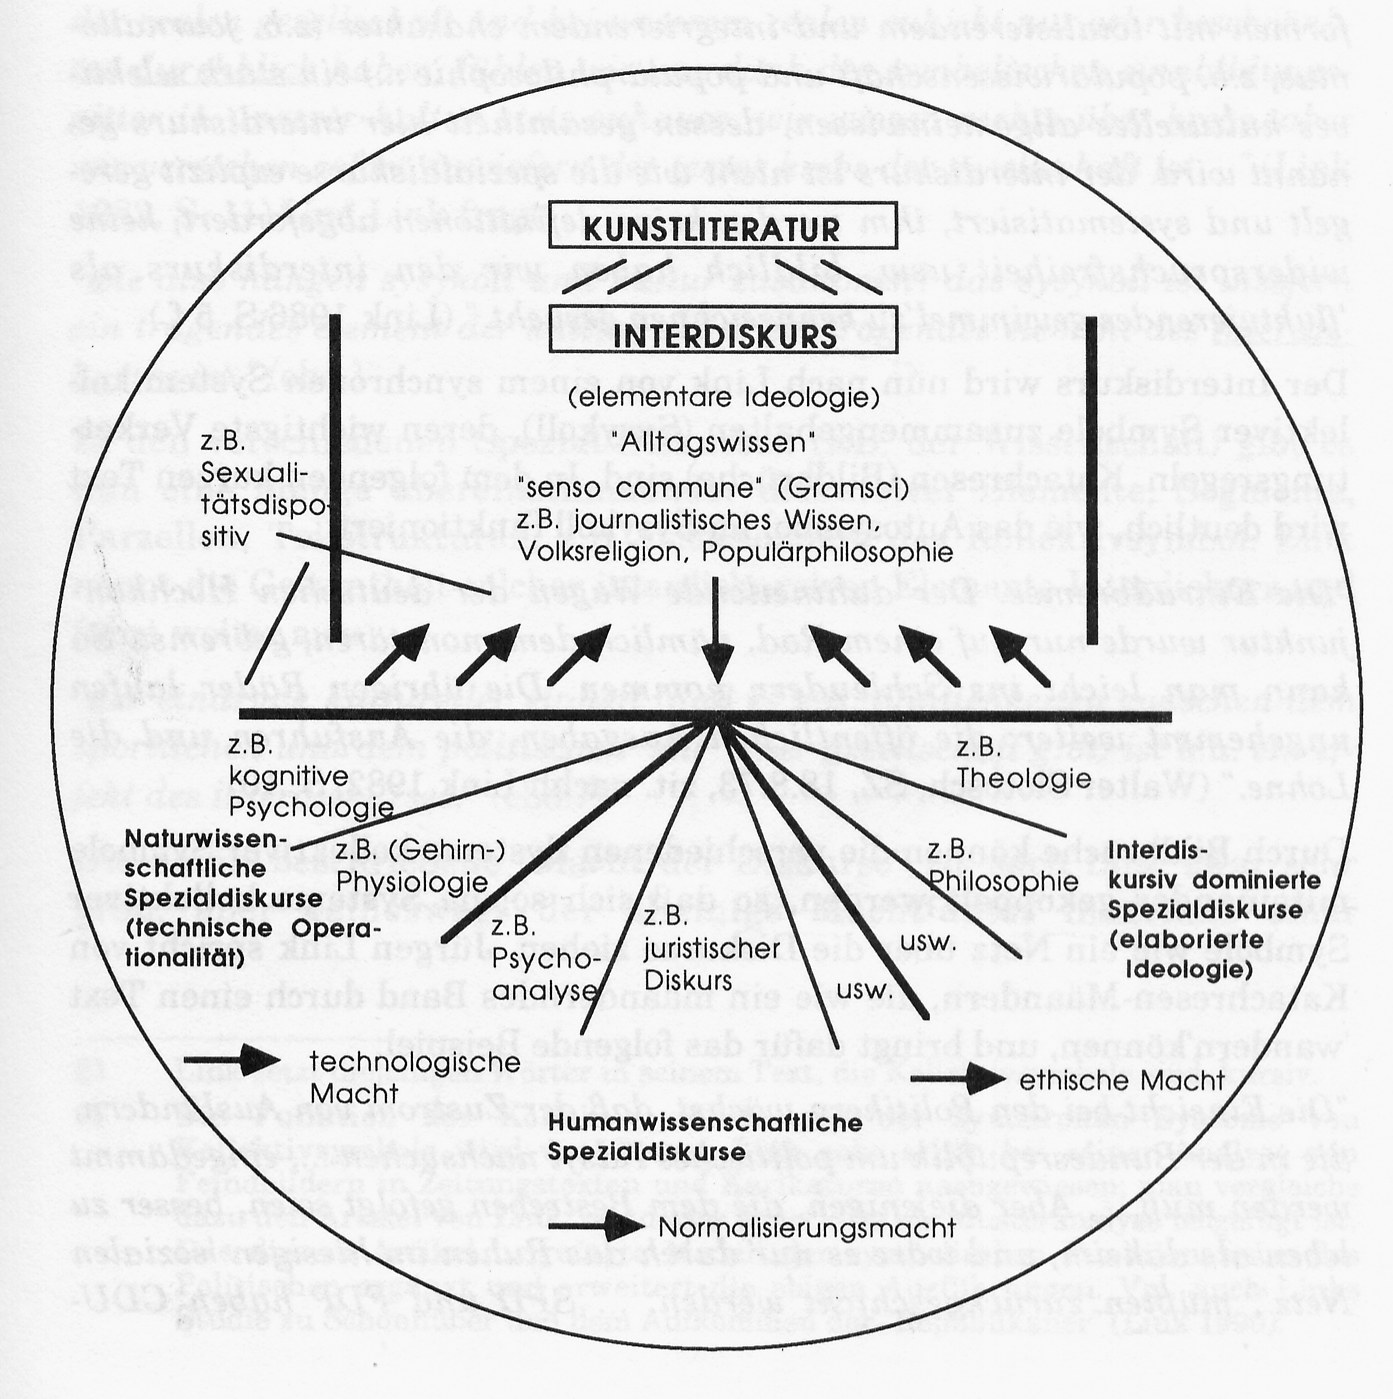 Küchenpsychologie Beispiele ~ duisburger institut für sprach und sozialforschung u2013 text